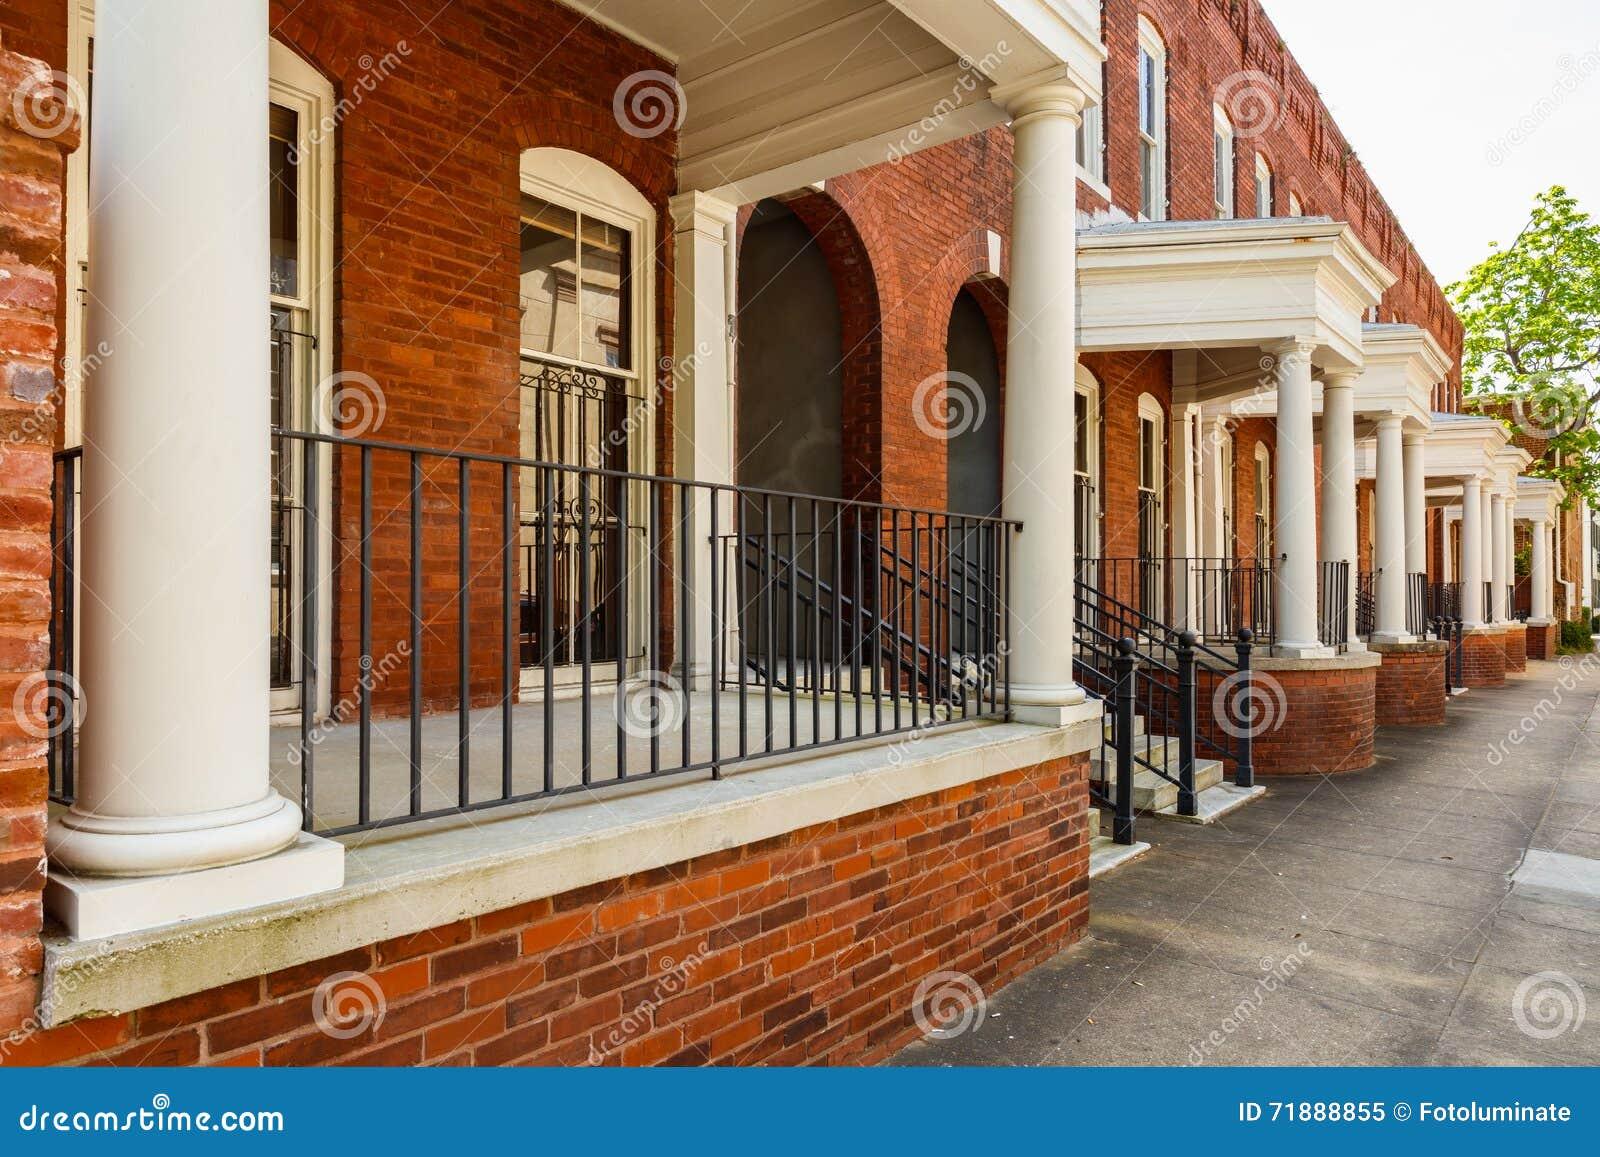 Savannah Architecture classica